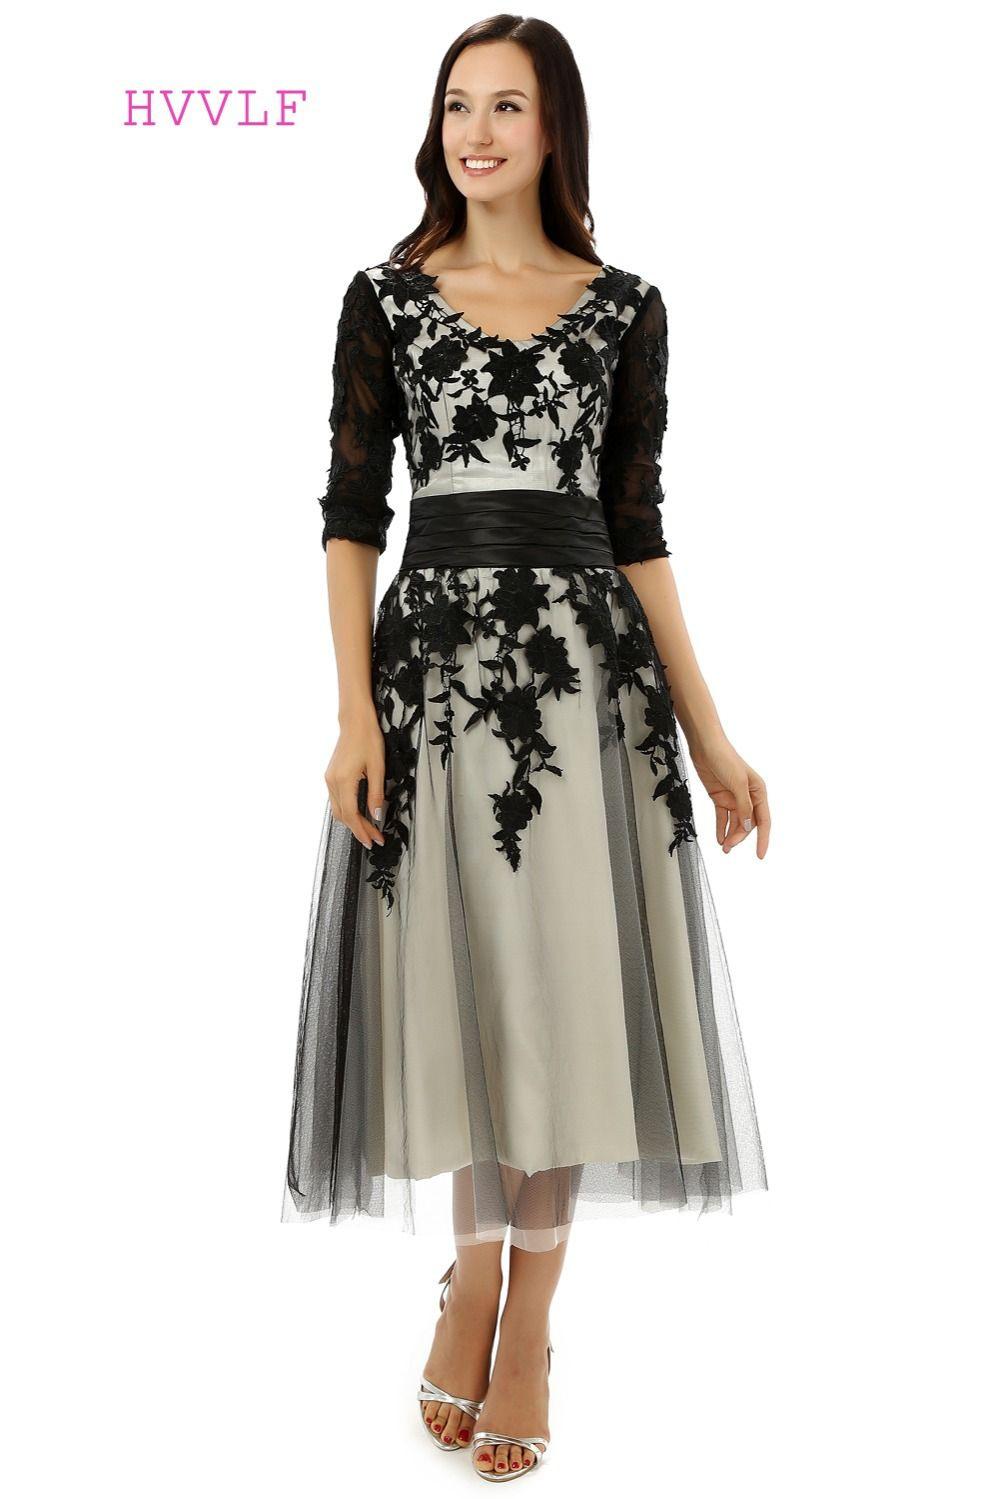 Formal Einfach Abendkleider Qualität Bester PreisAbend Luxurius Abendkleider Qualität Vertrieb